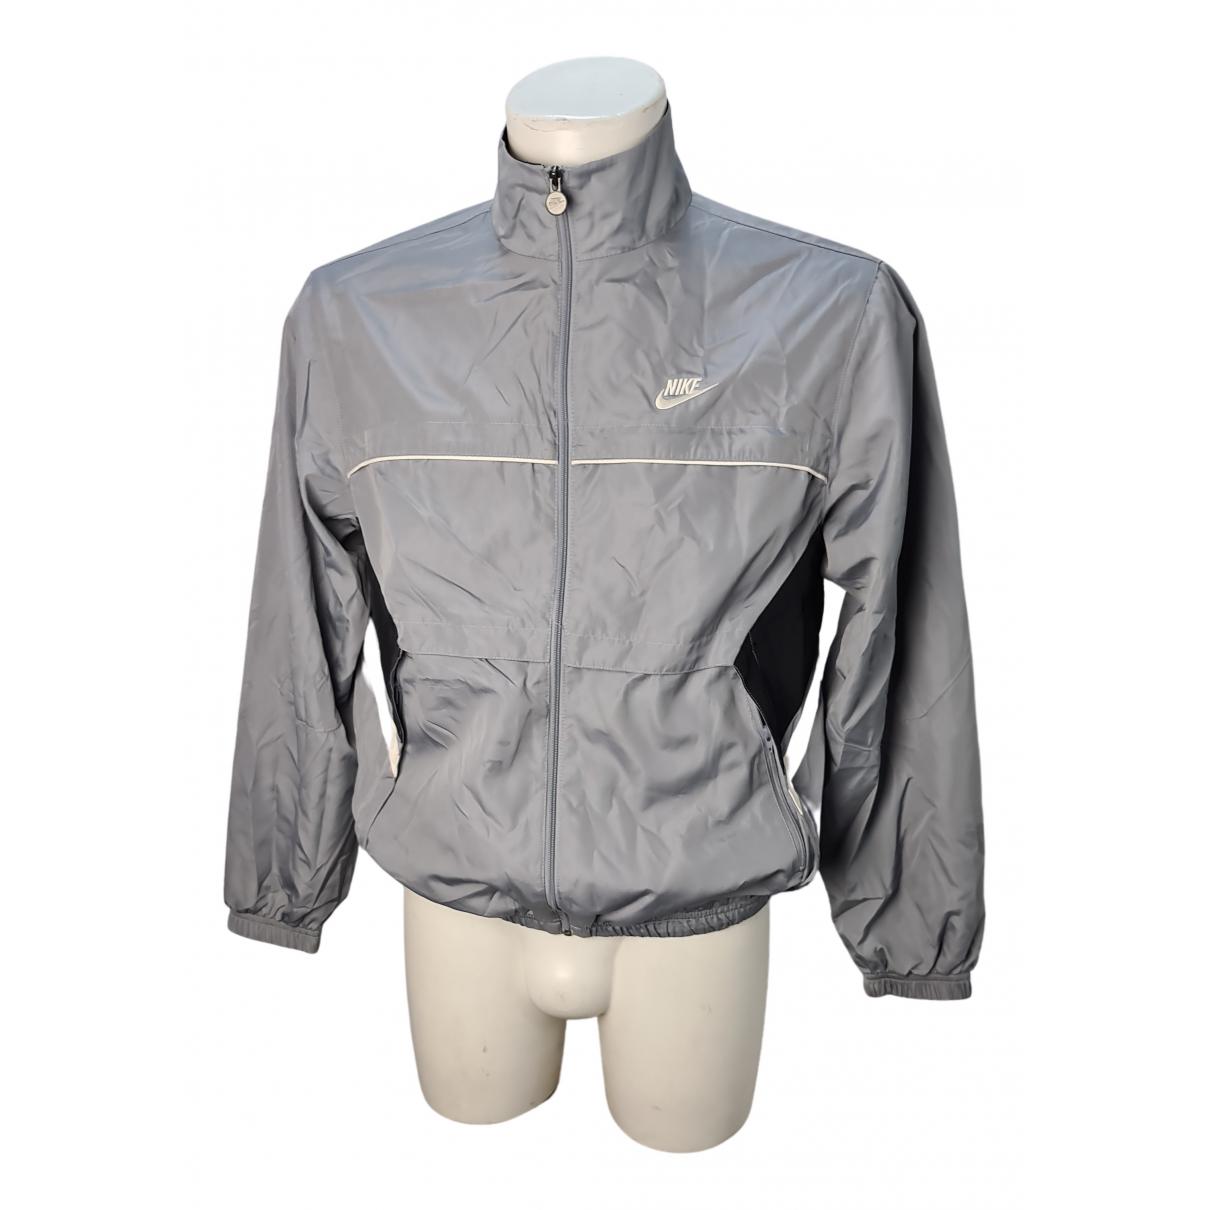 Nike \N Jacke in  Grau Polyester